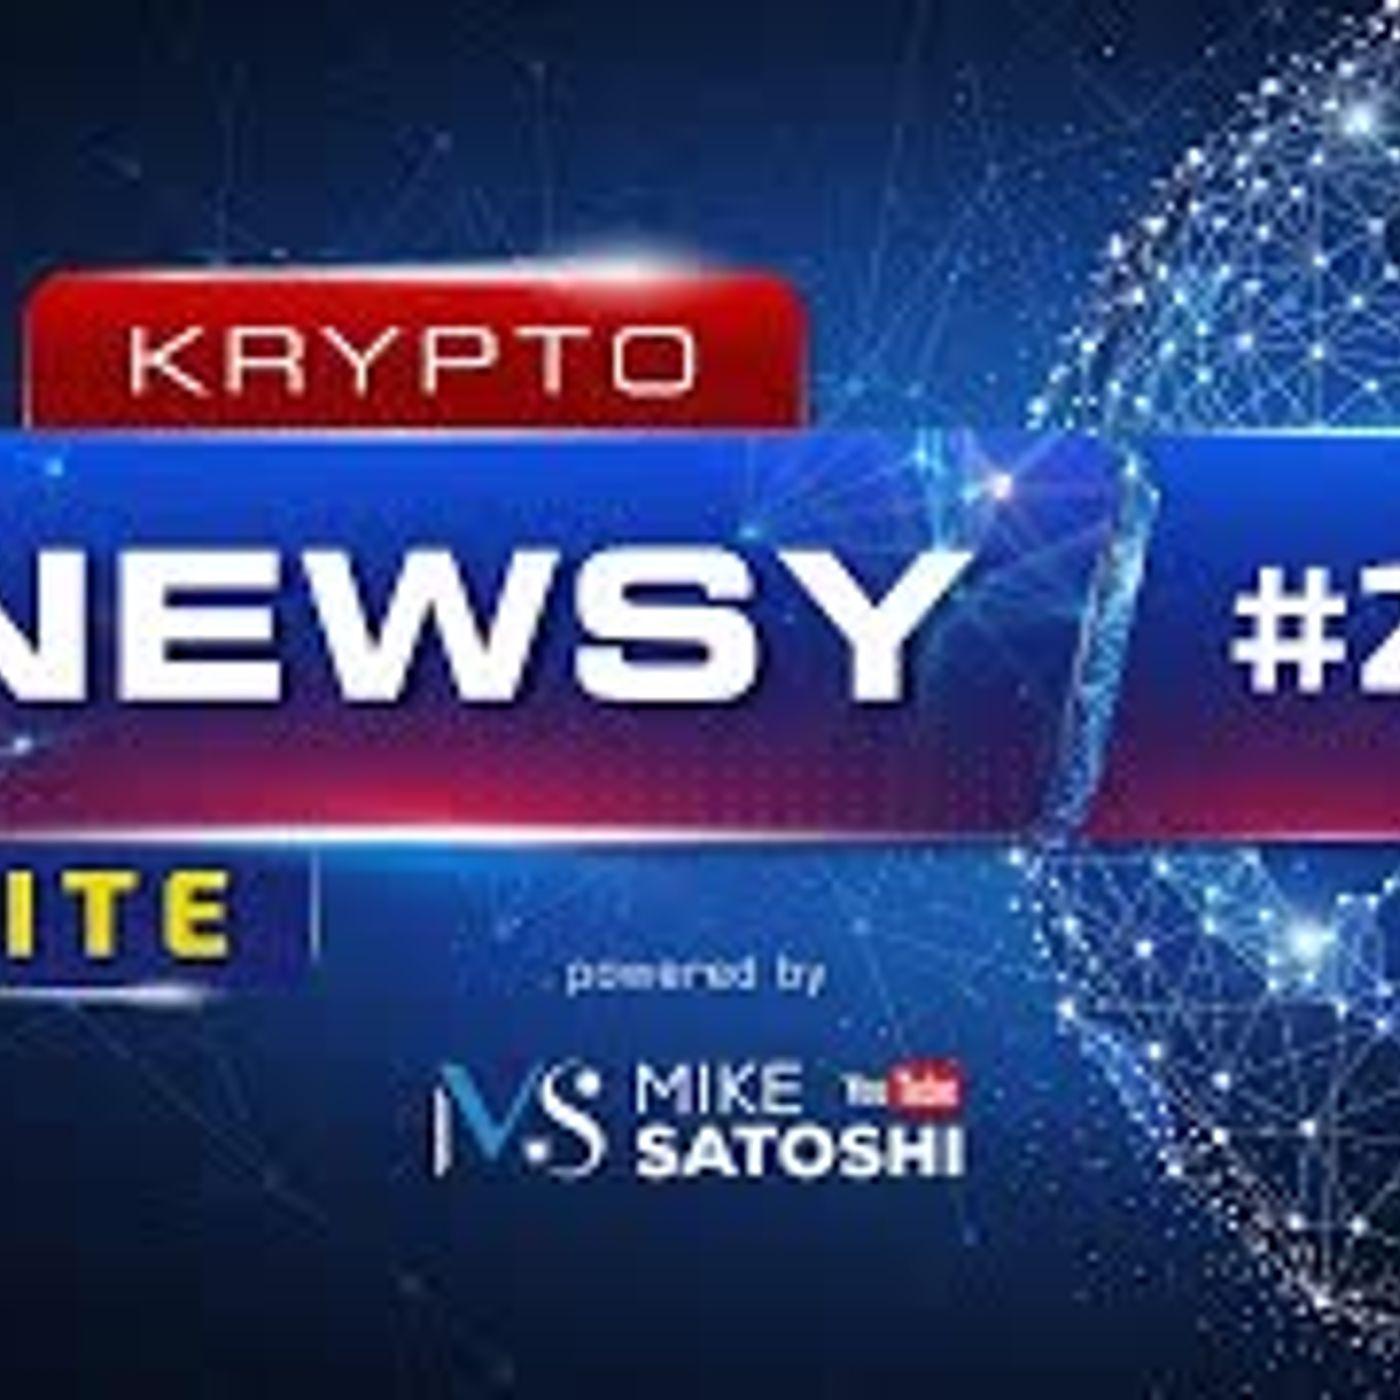 Krypto-Newsy Lite #25 | 26.06.2020 | Bitcoin - Peter Schiff kupi po $50k, Karty Crypto.com wyłączone, Telegram poszedł na ugodę, Cardano